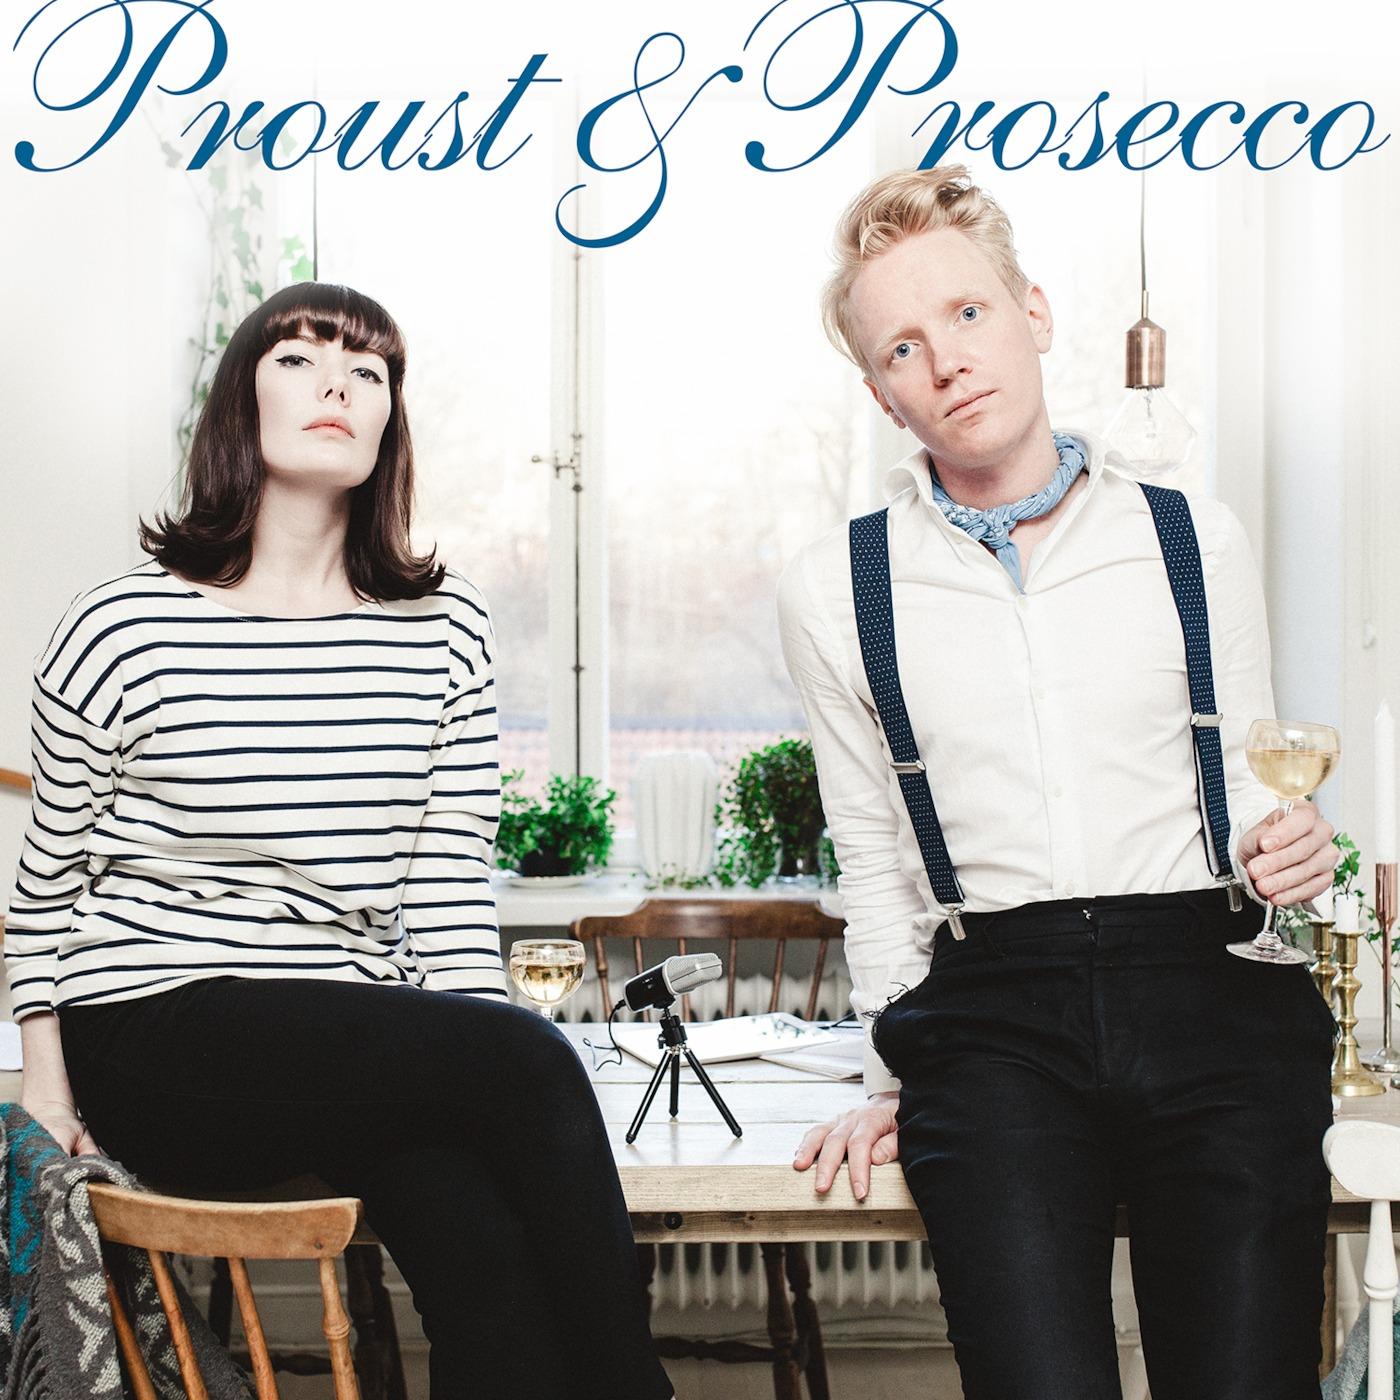 Proust & Prosecco